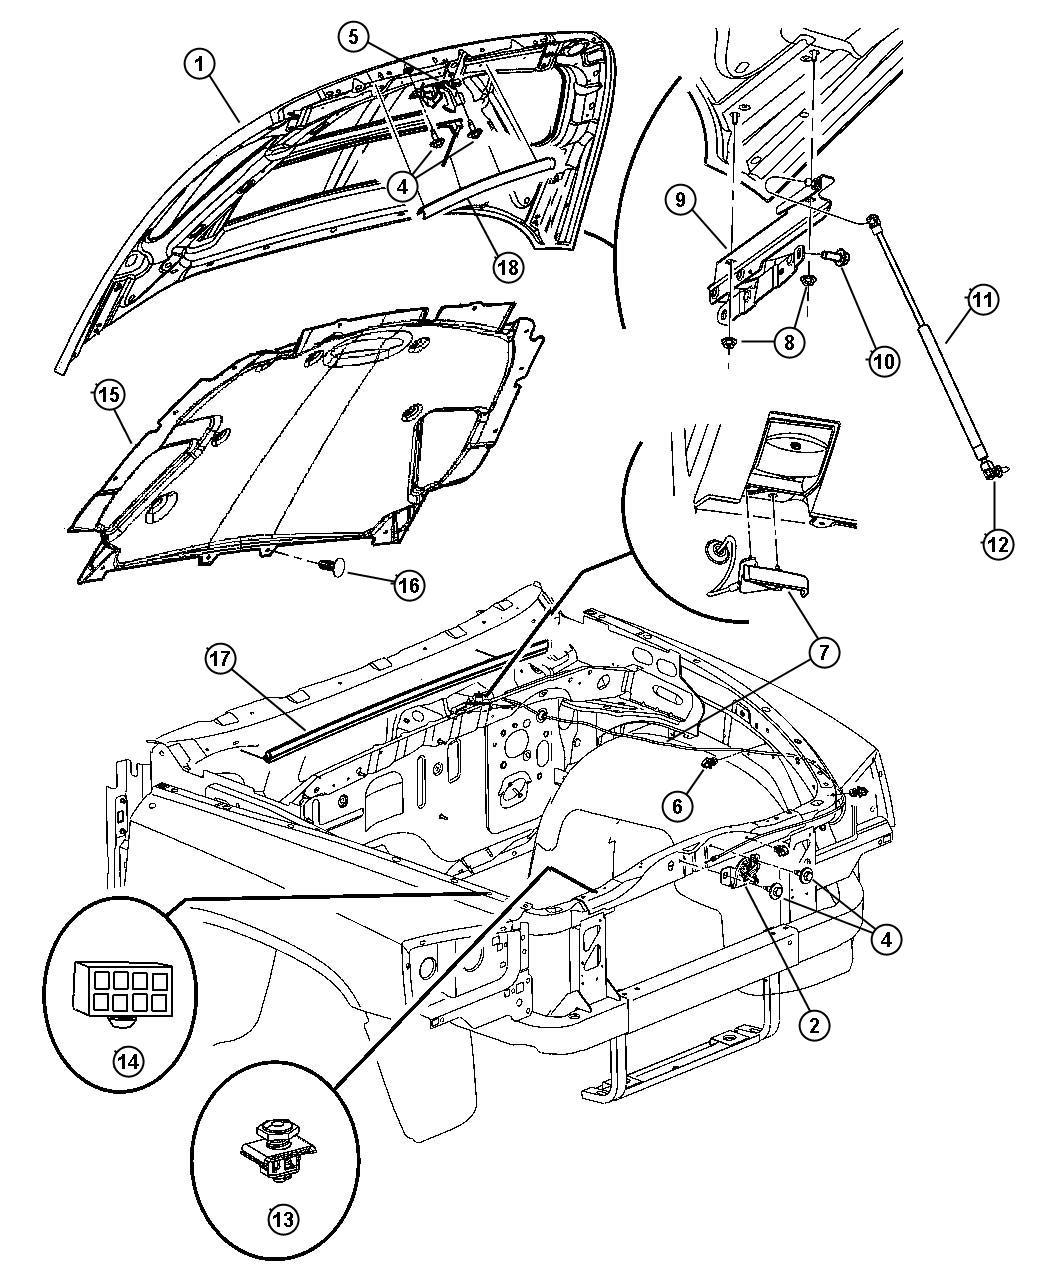 2003 Dodge Dakota Hood Release Diagram